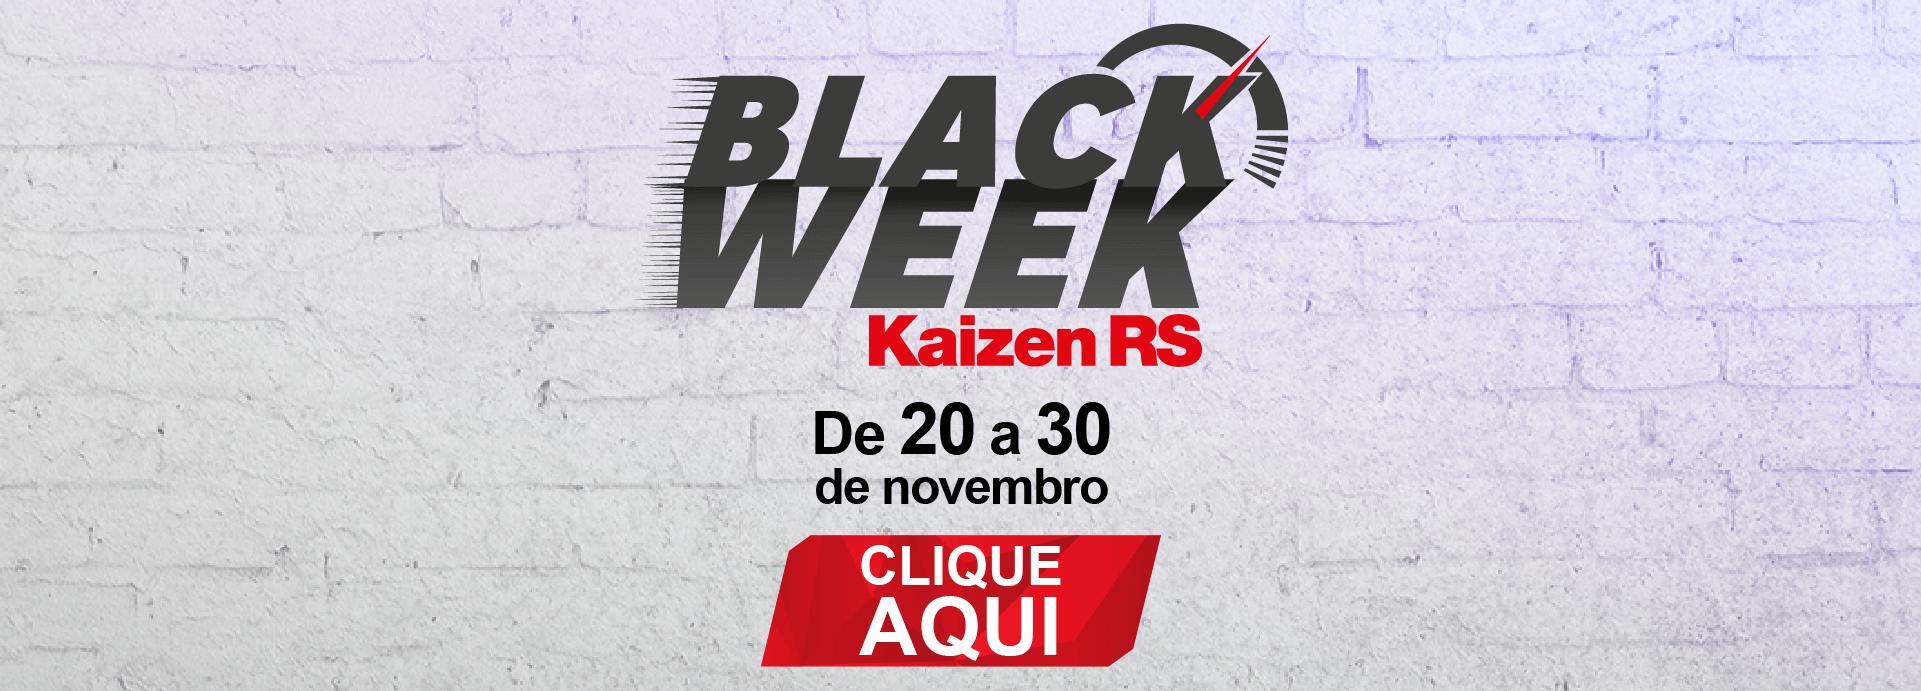 Black Week Kaizen RS